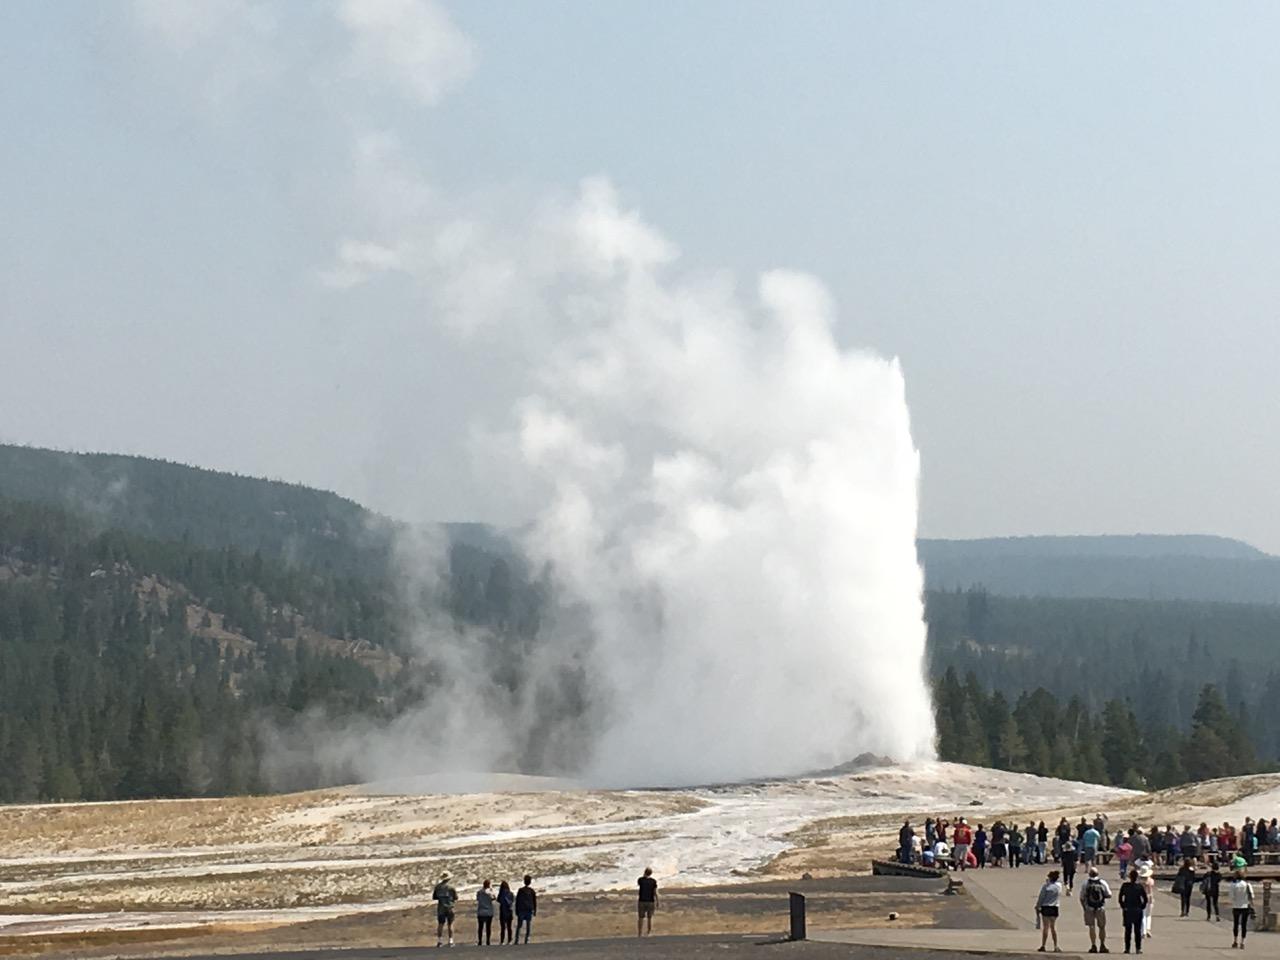 old faithful geyser eruption water pressure steam spout